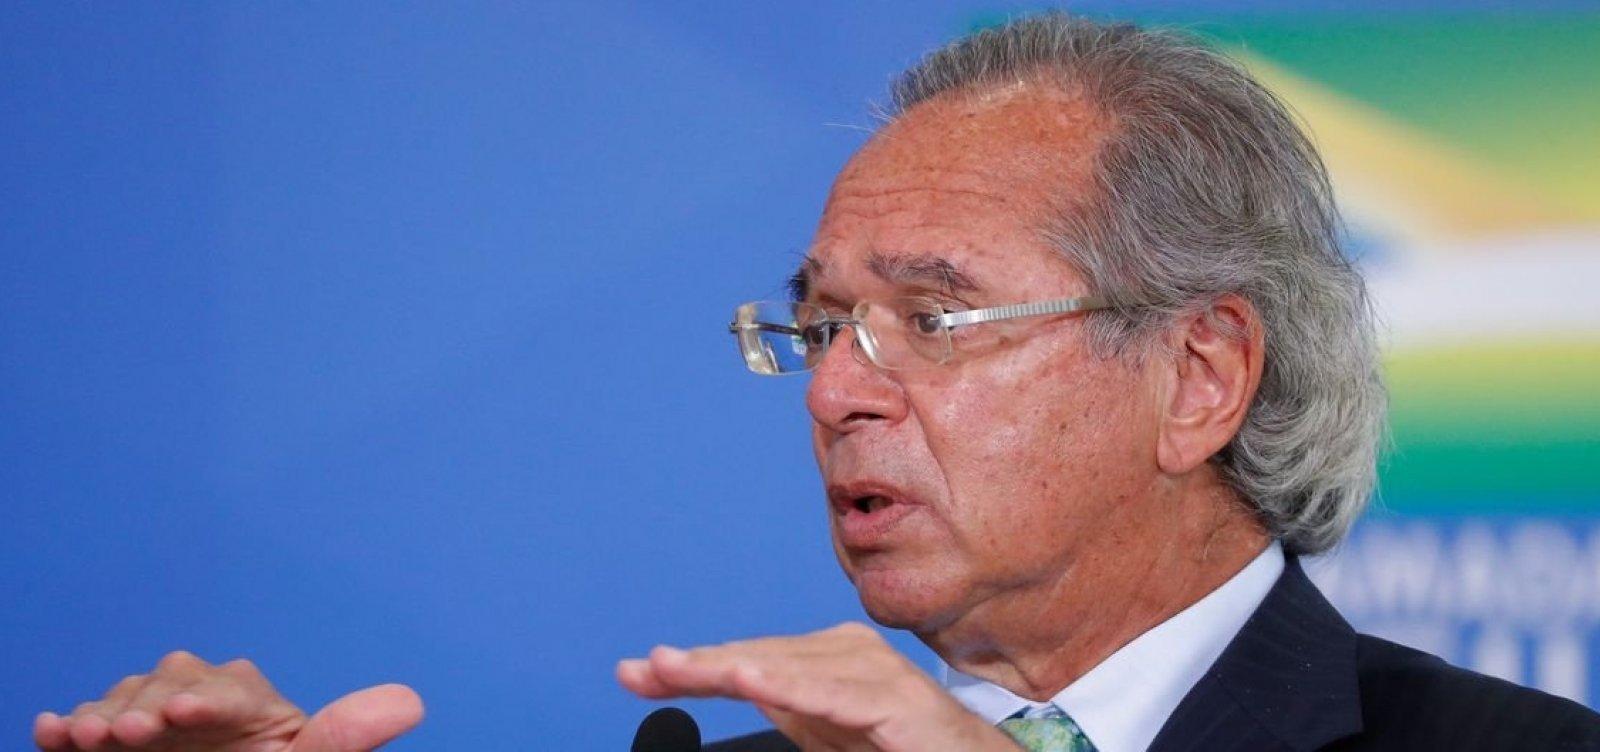 [Guedes anuncia que vai para o 'ataque' com privatizações e reformas]